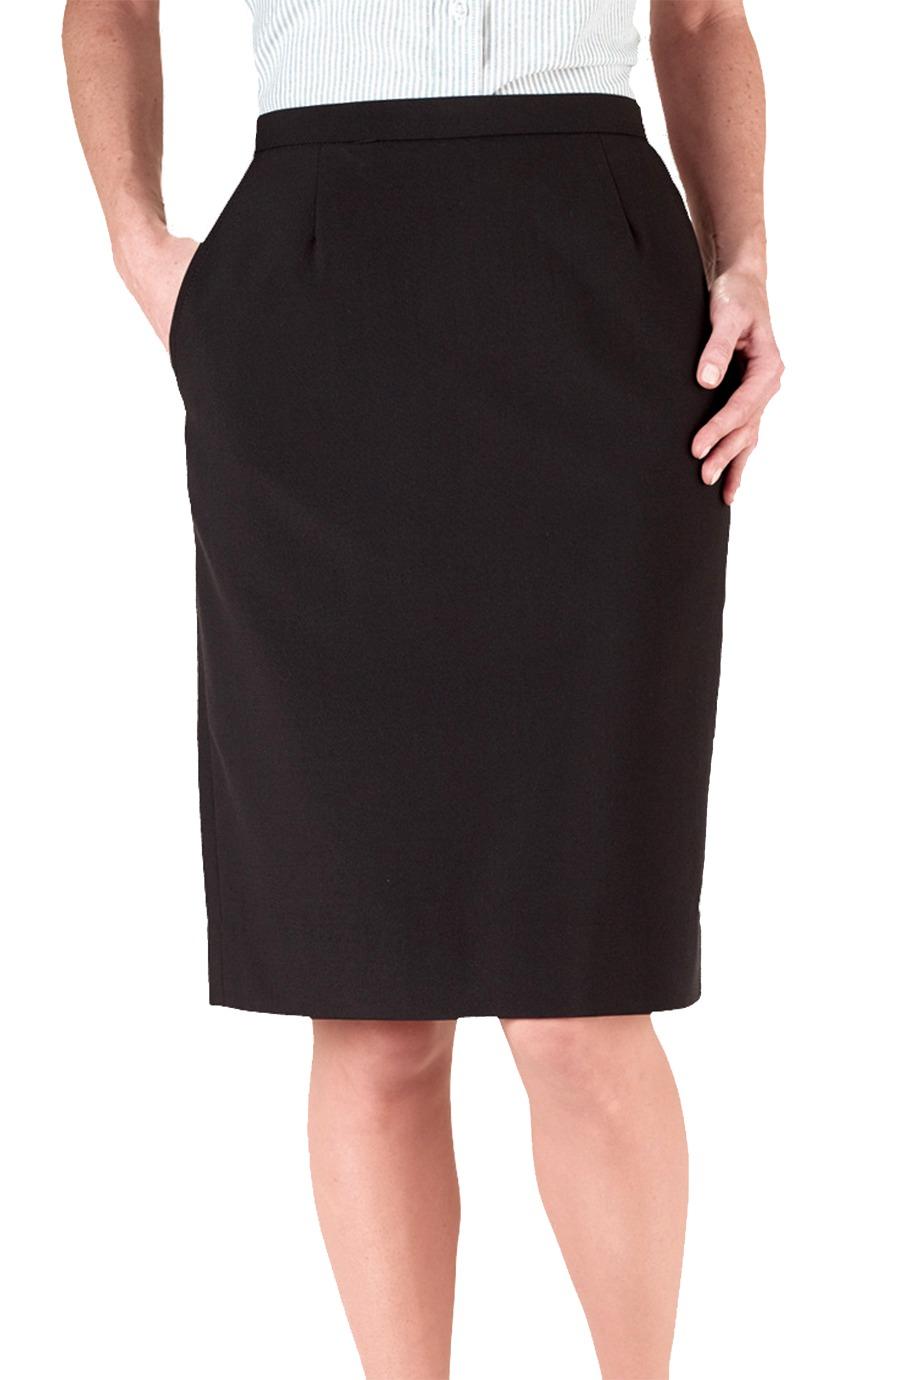 Edwards Garment 9799 - Women's Polyester Skirt